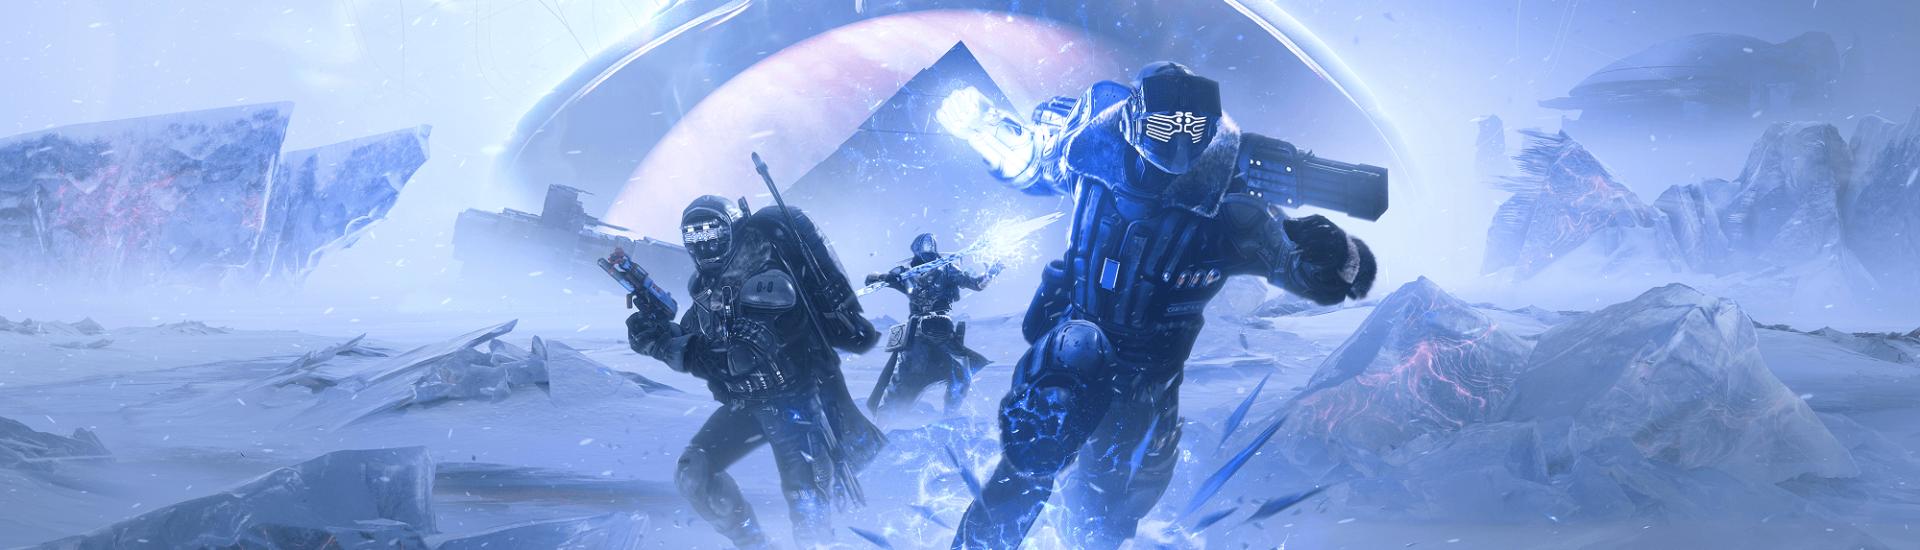 Destiny 2: Beyond Light – Alle Infos zur neuesten Erweiterung aus dem Hause Bungie